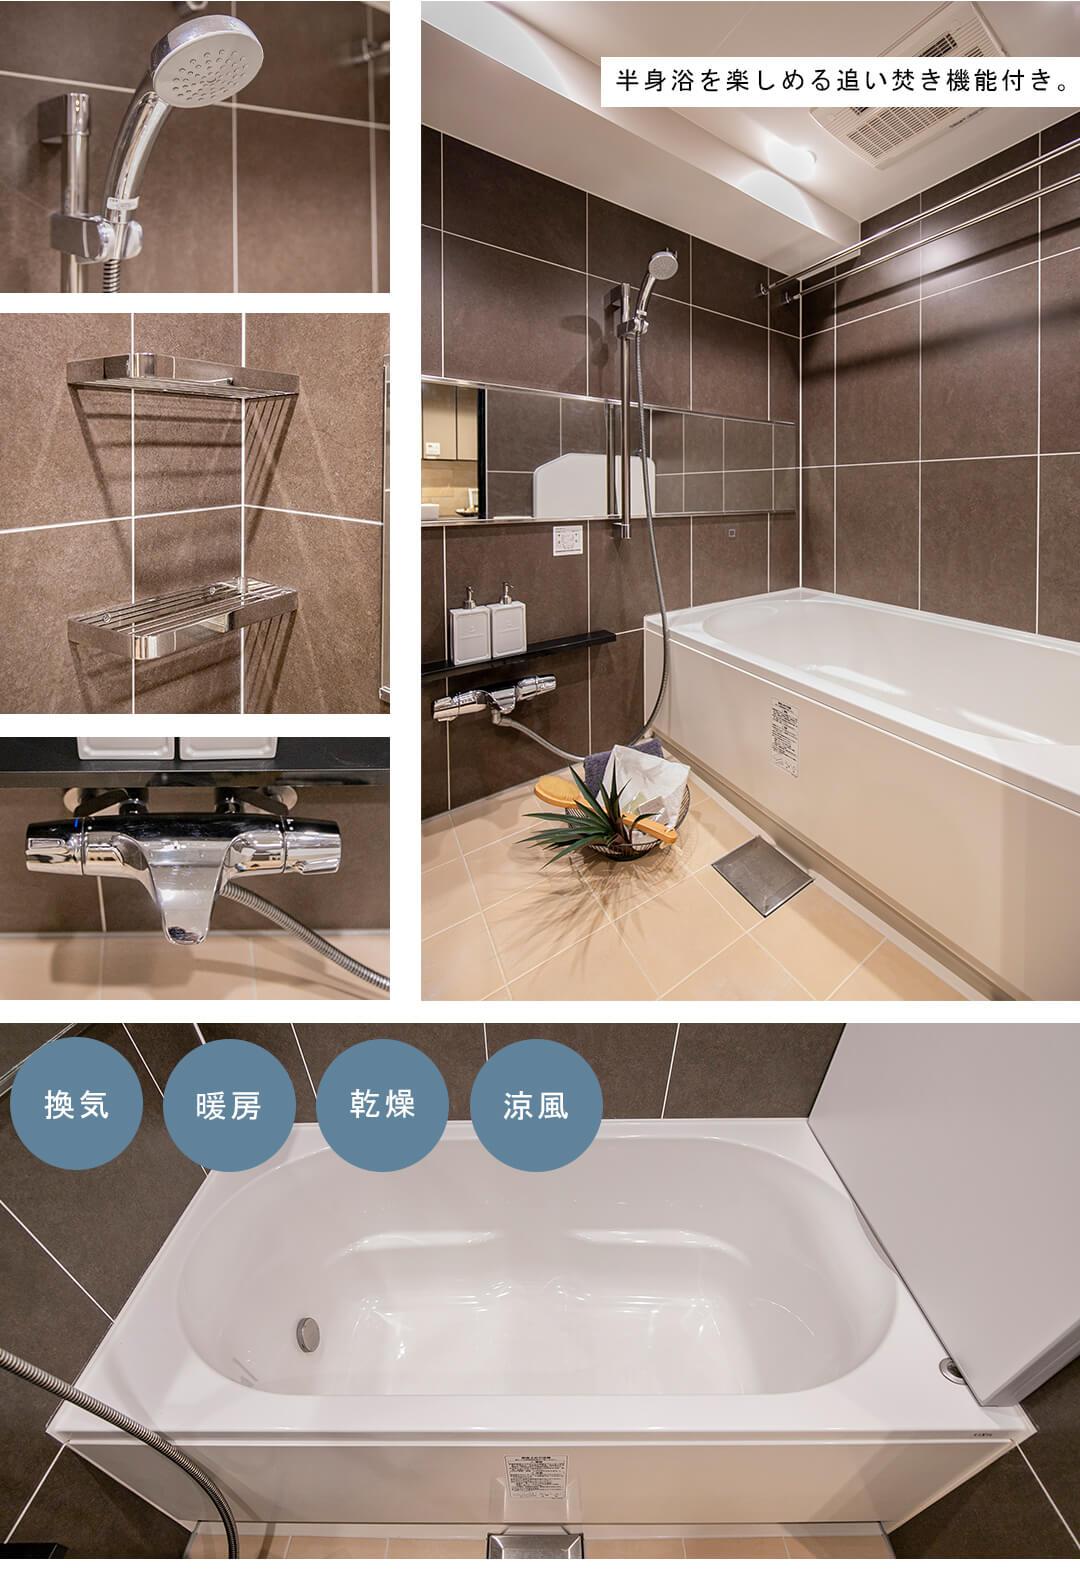 ベルクレール神宮の杜の浴室